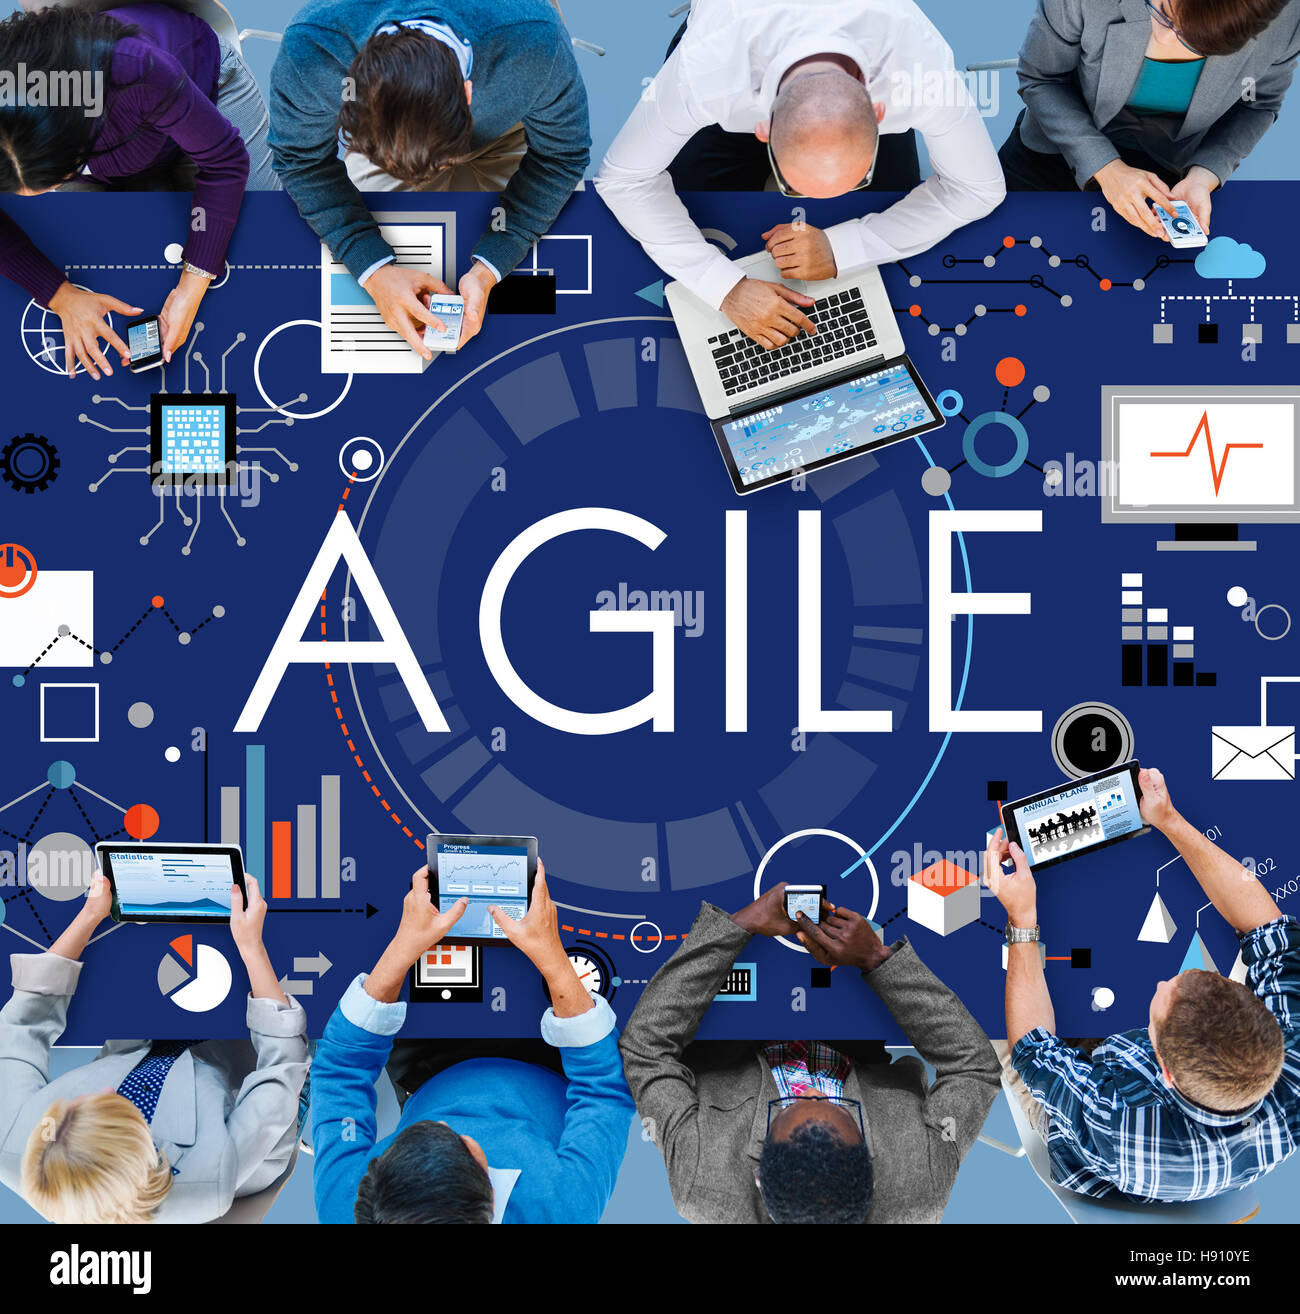 Agilità Agile agile veloci Volant Concept Immagini Stock